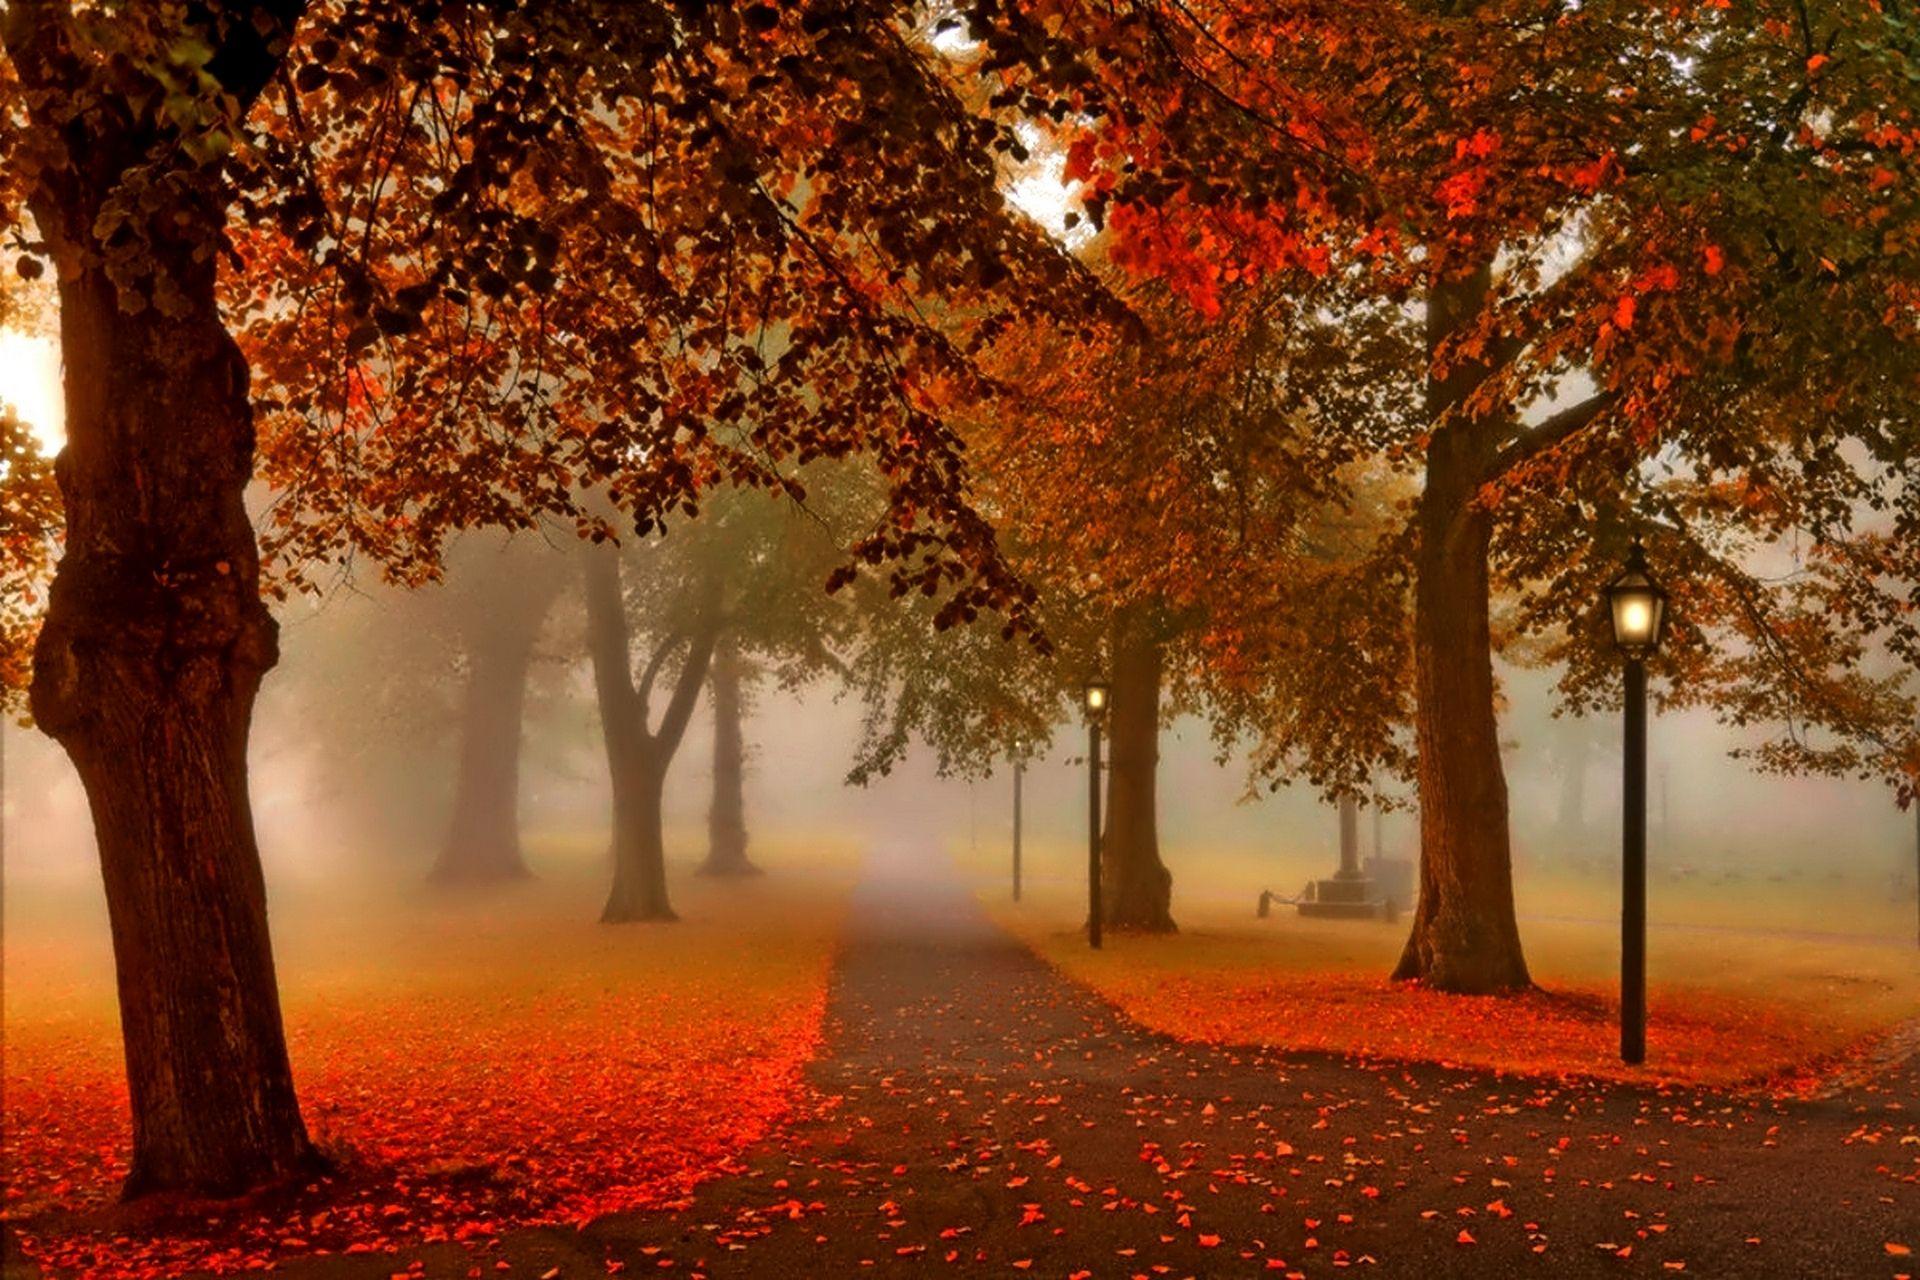 Autumn Park Leaves Sunset Wallpaper 2 Jpg 1920 1280 Sunset Nature Autumn Scenery Autumn Park